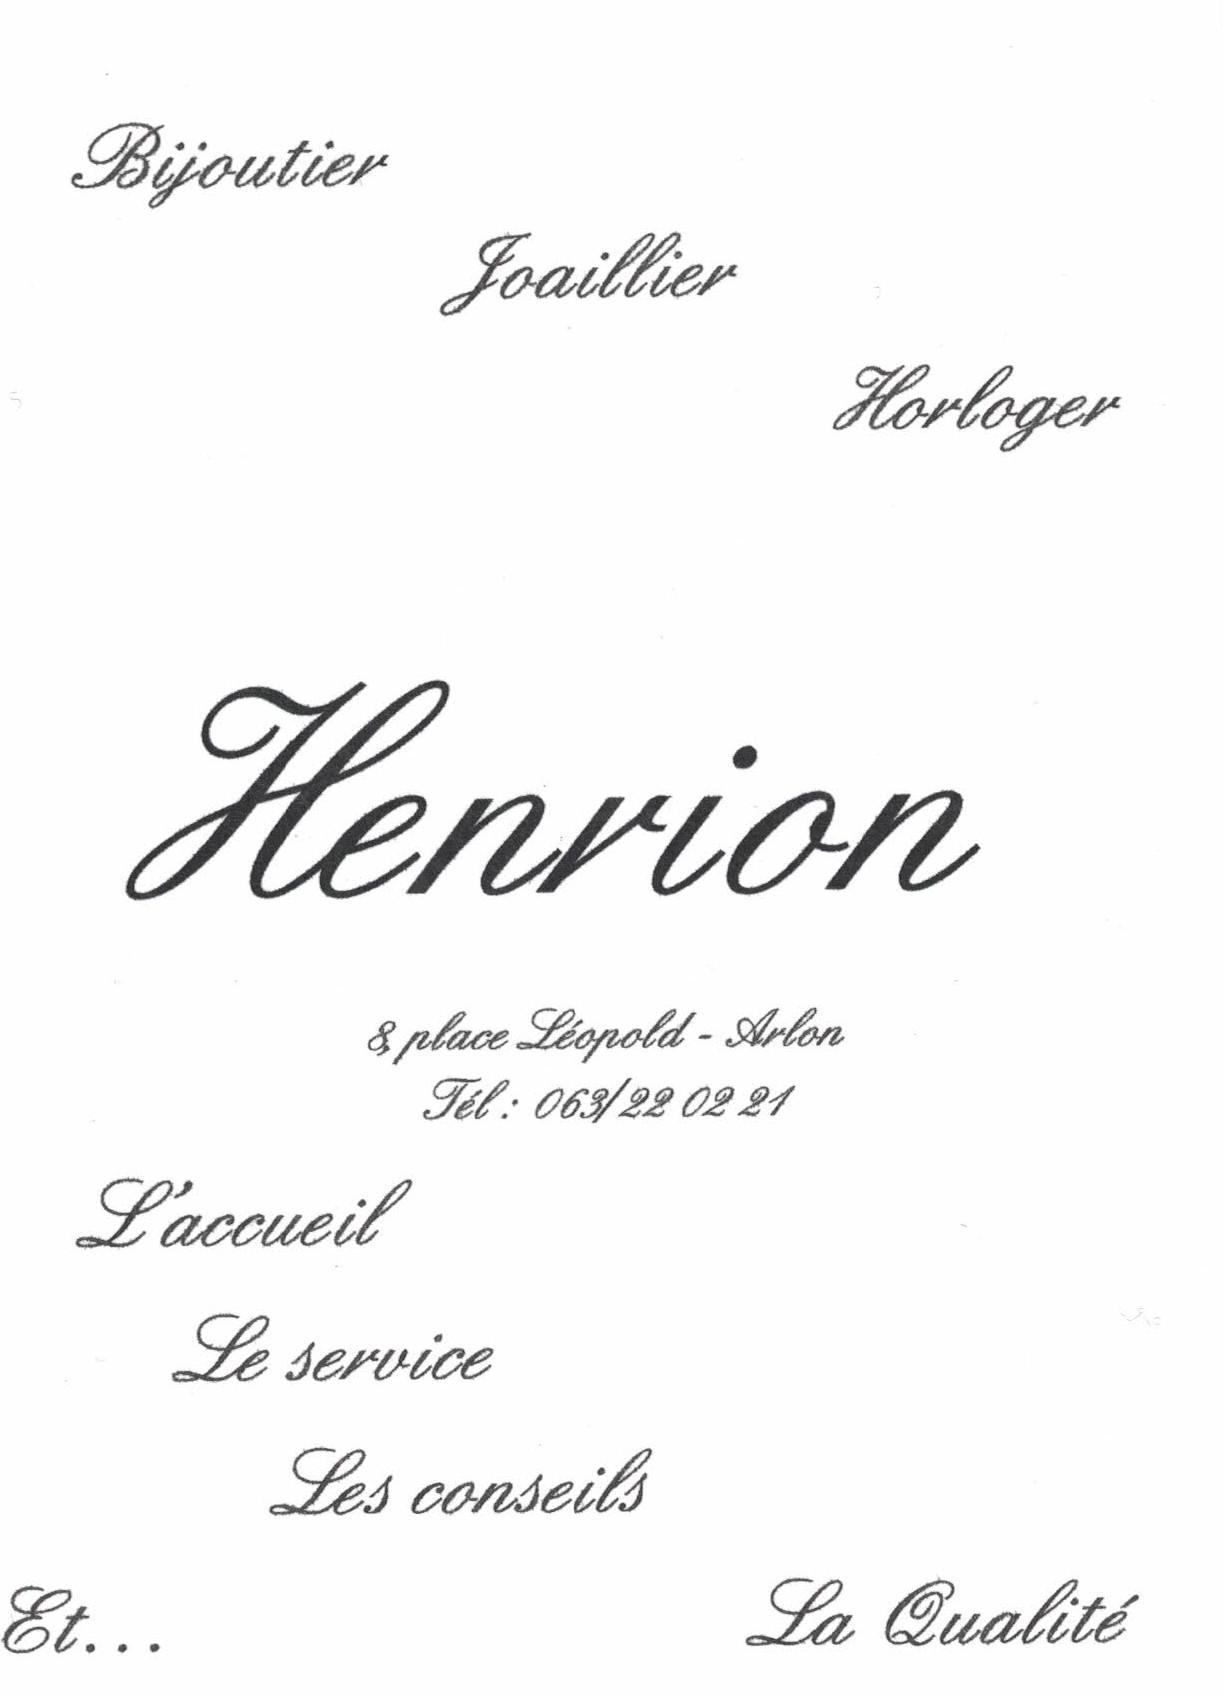 Bijouterie Henrion Arlon